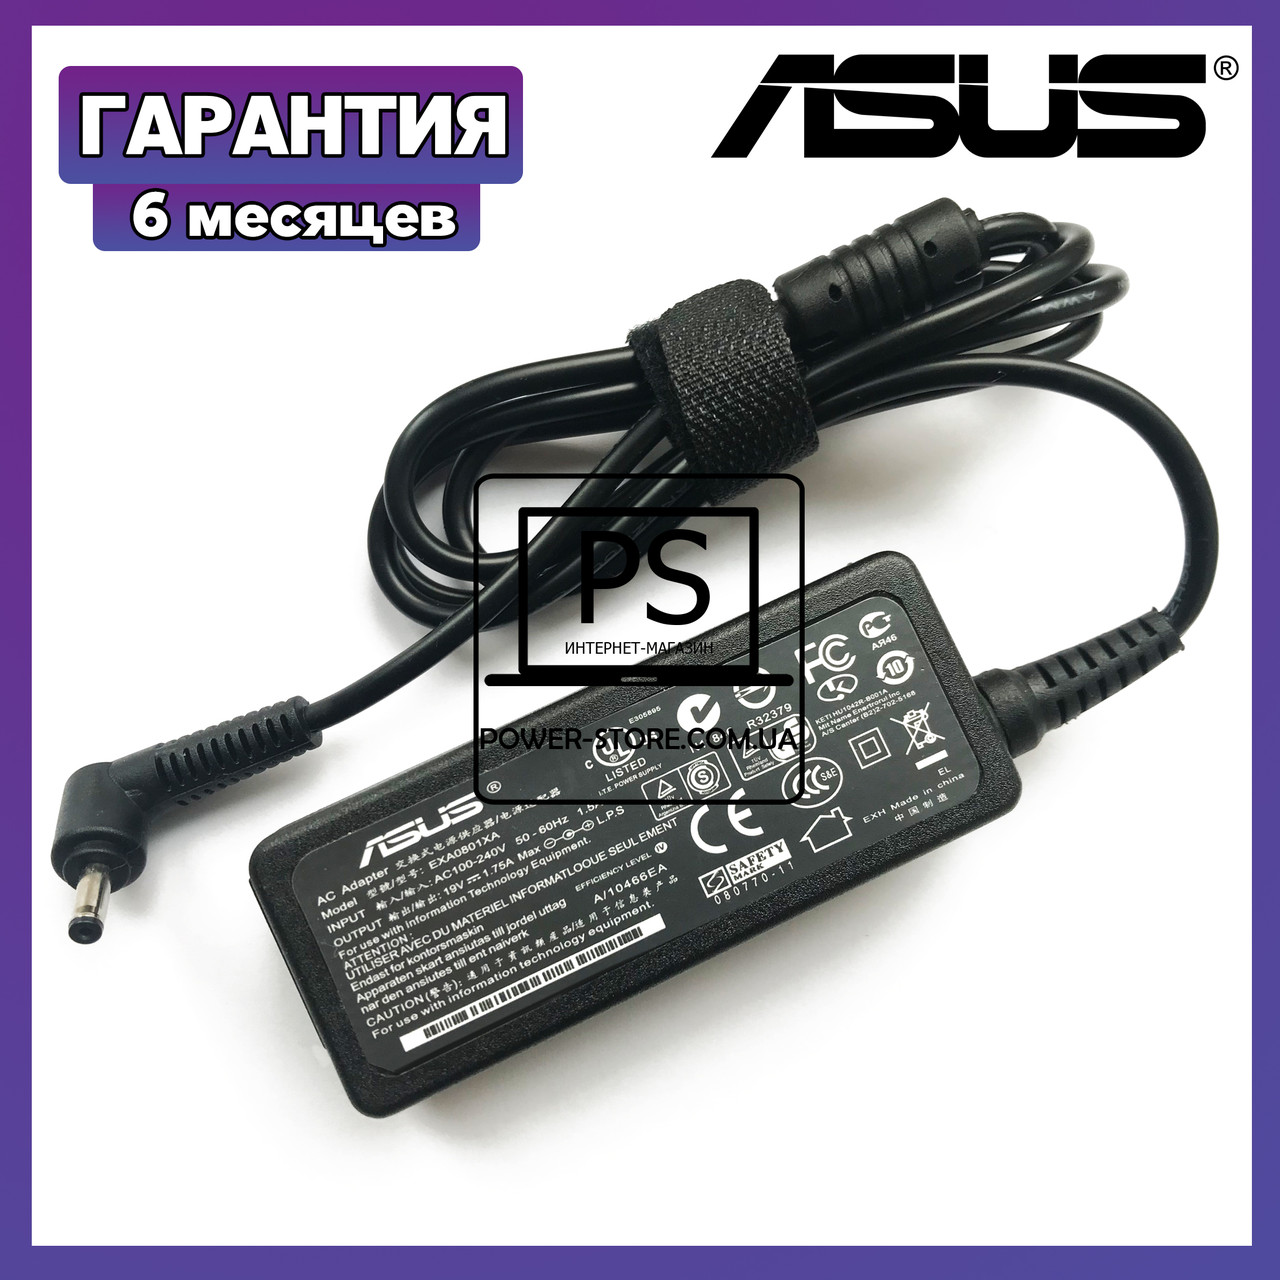 Блок питания зарядное устройство для ноутбука ASUS 19V 1.75A 33W 4.0x1.35